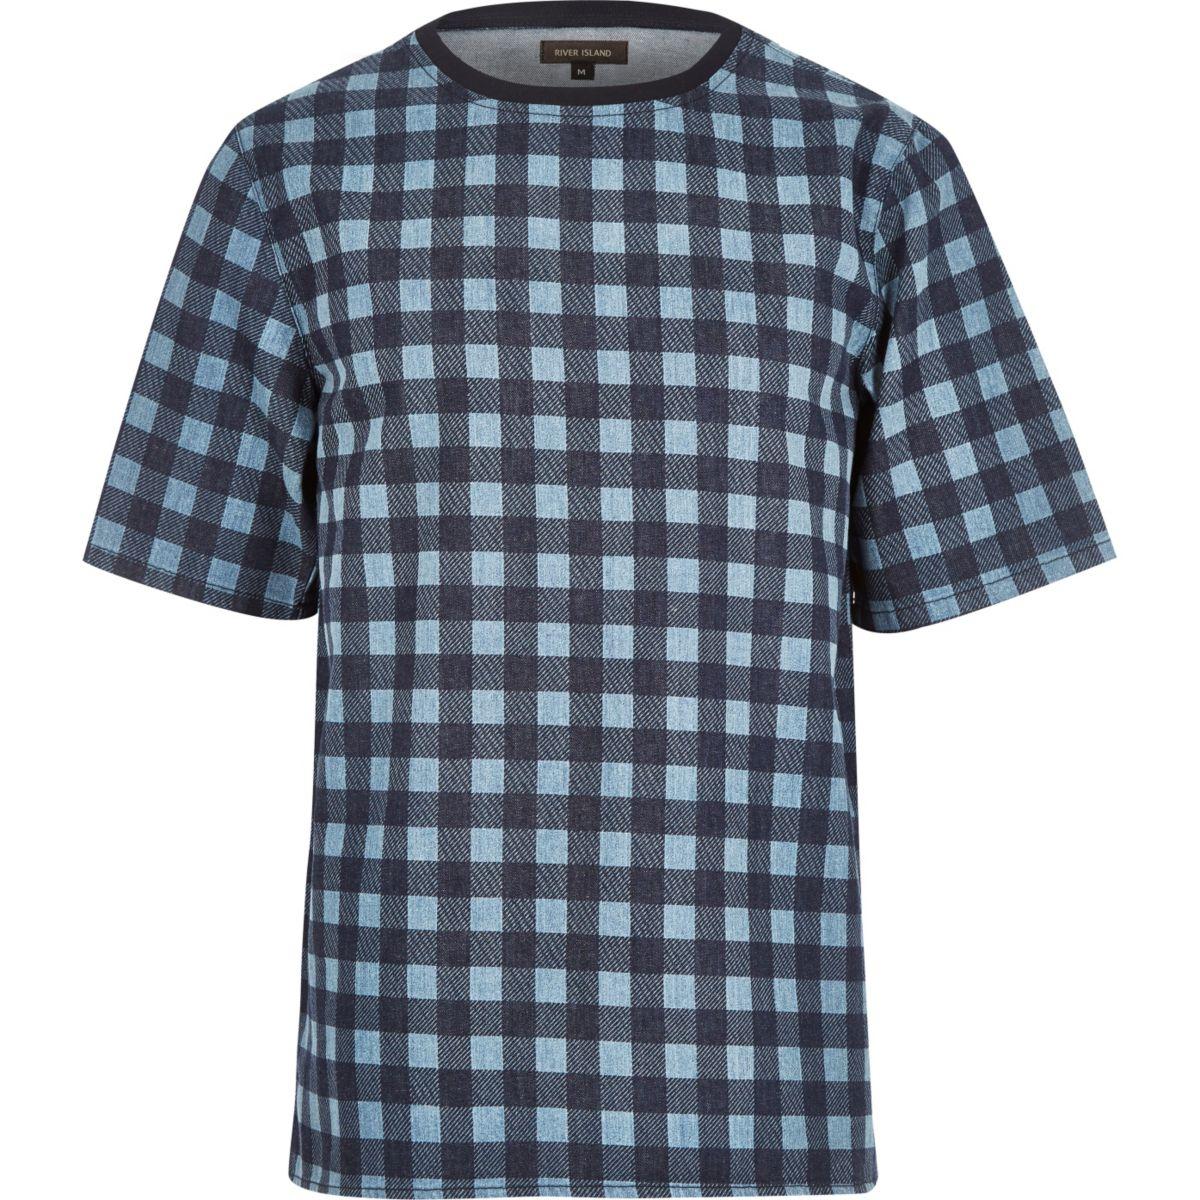 Blau kariertes T-Shirt